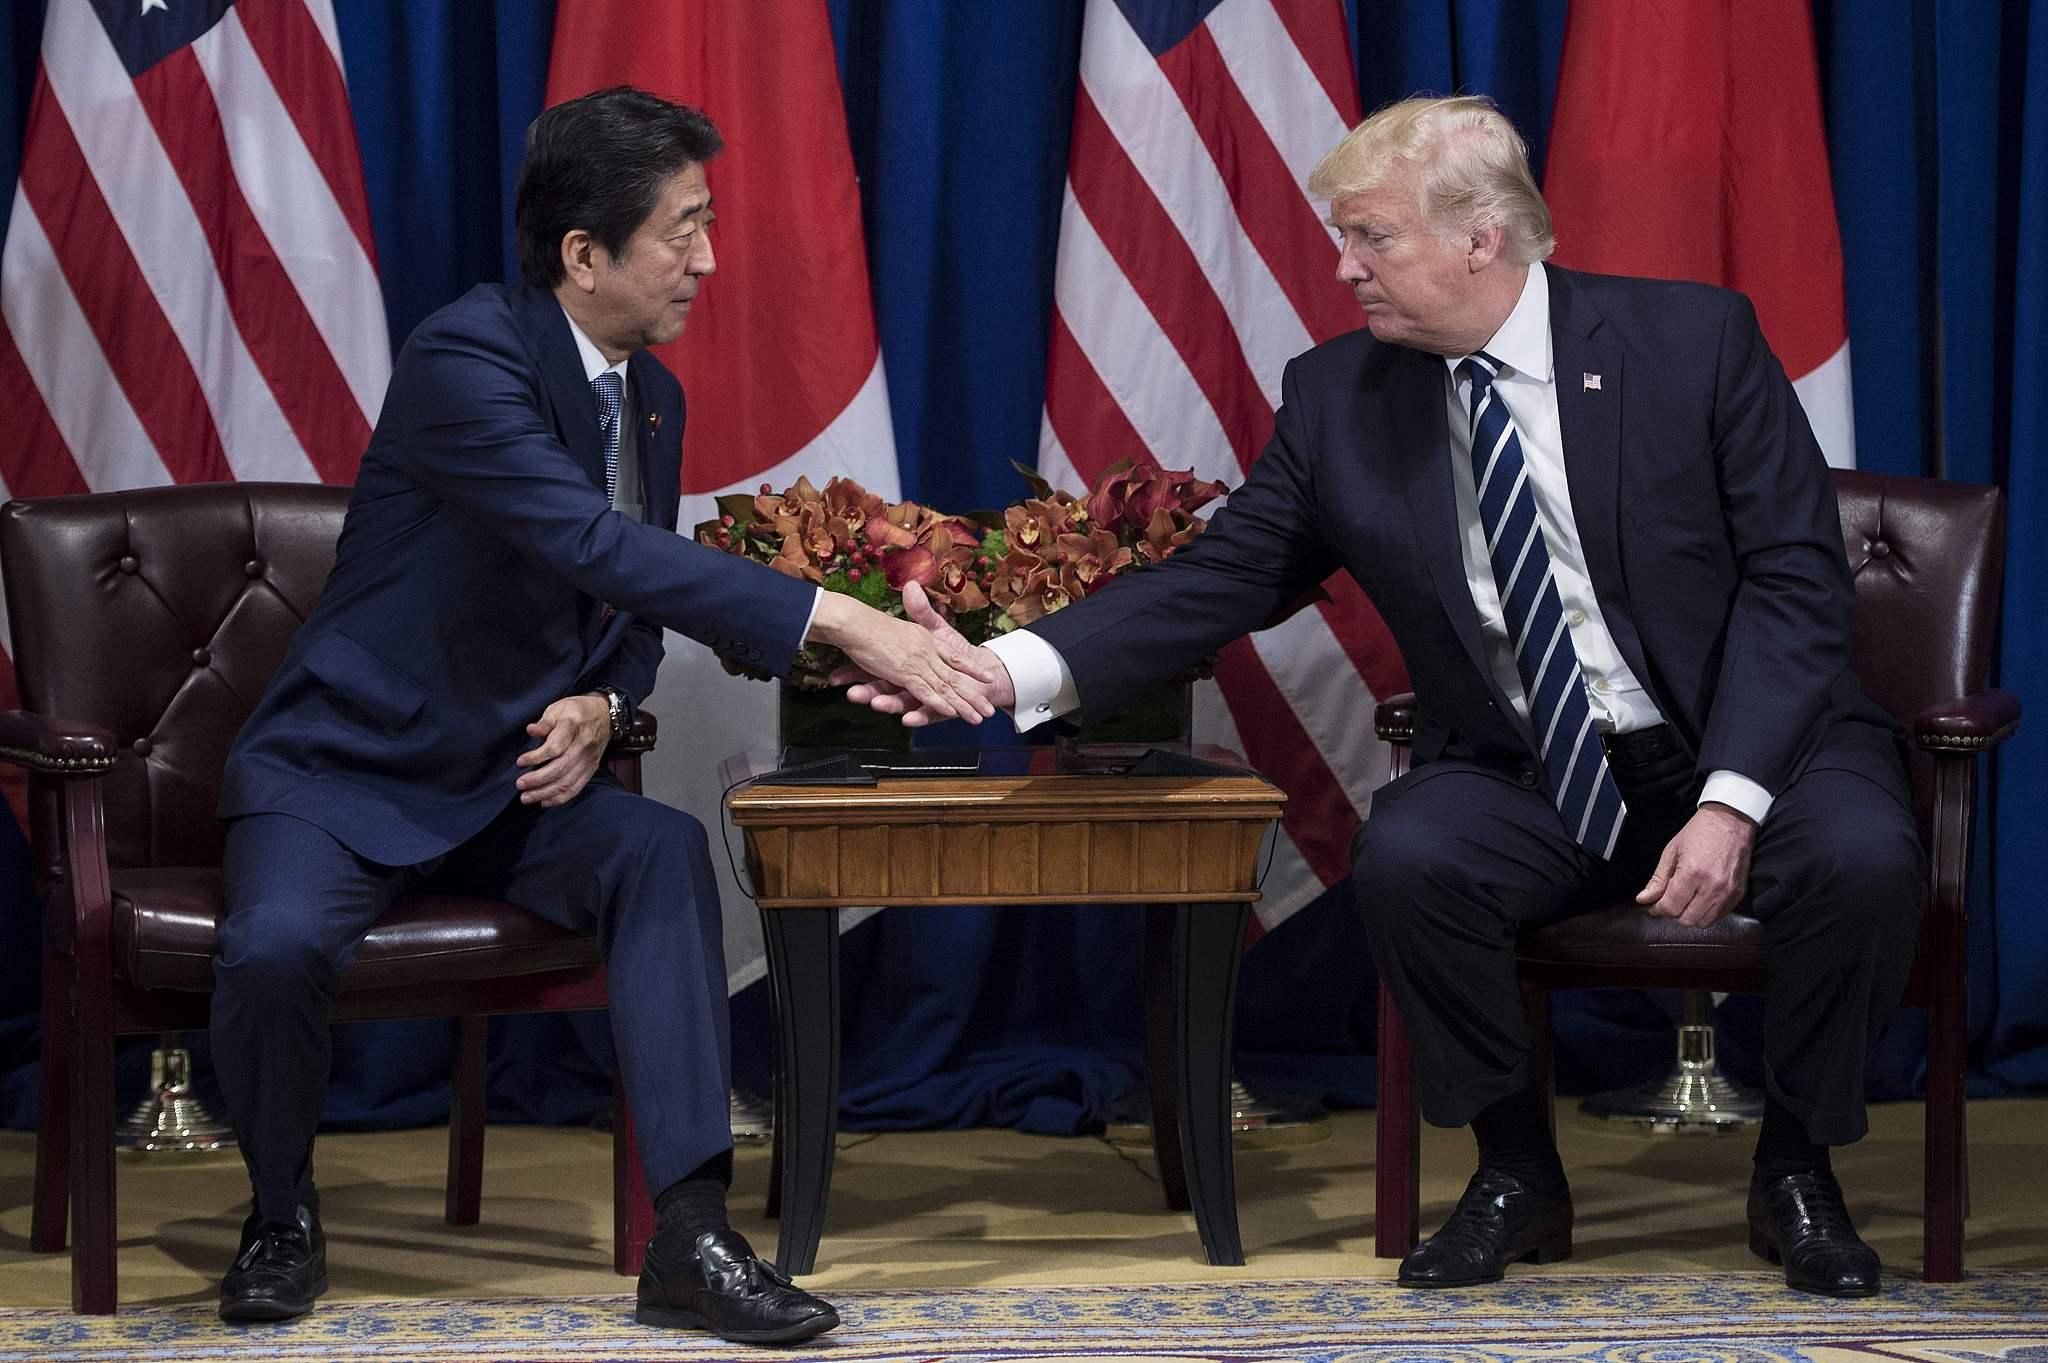 特朗普安倍会晤两人尴尬握手气氛微妙